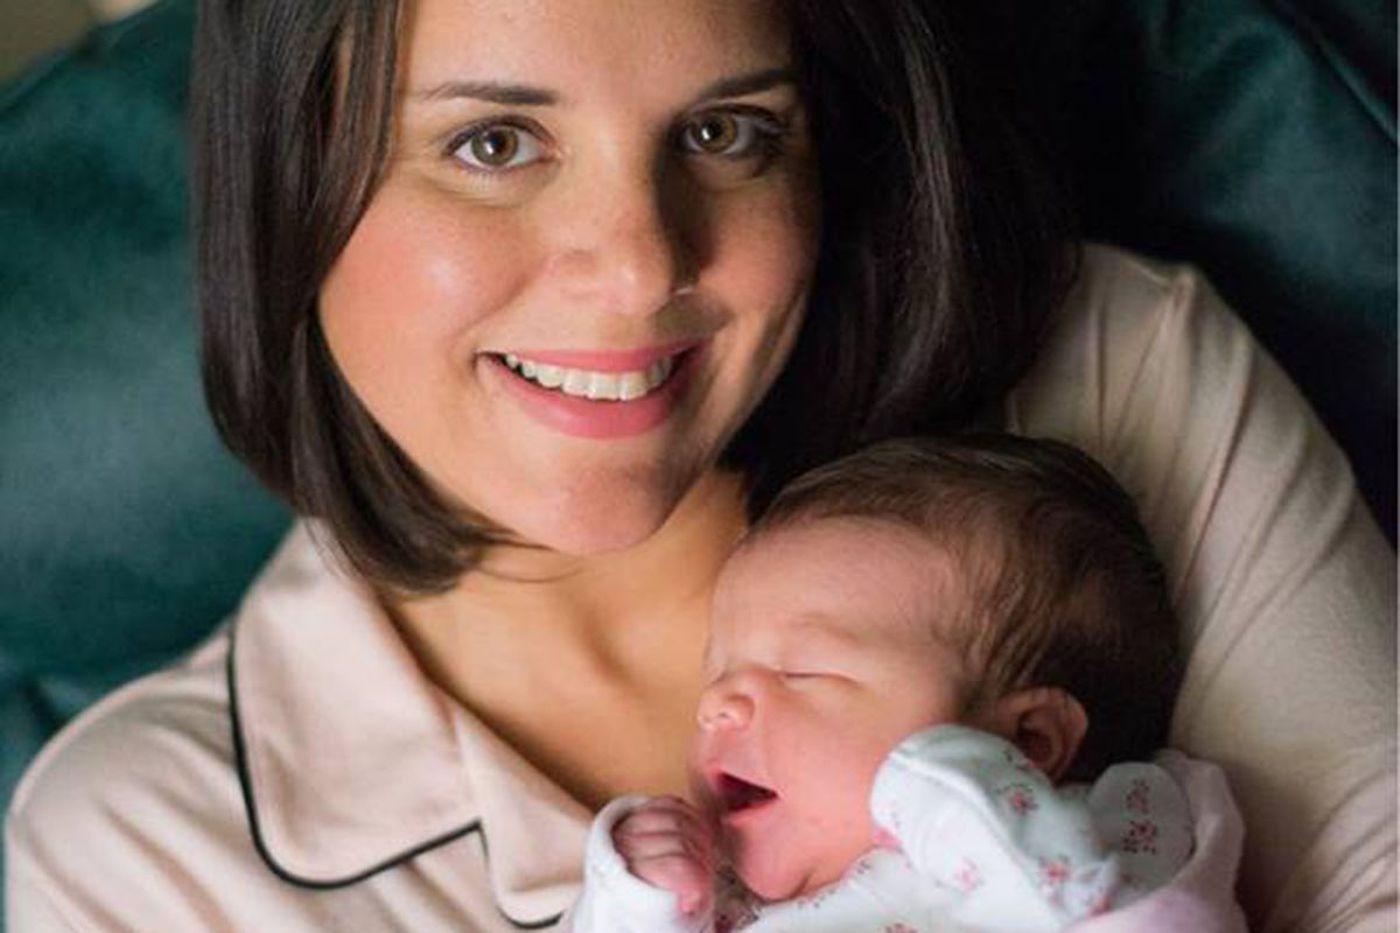 CBS3 meteorologist Kate Bilo welcomes new family member